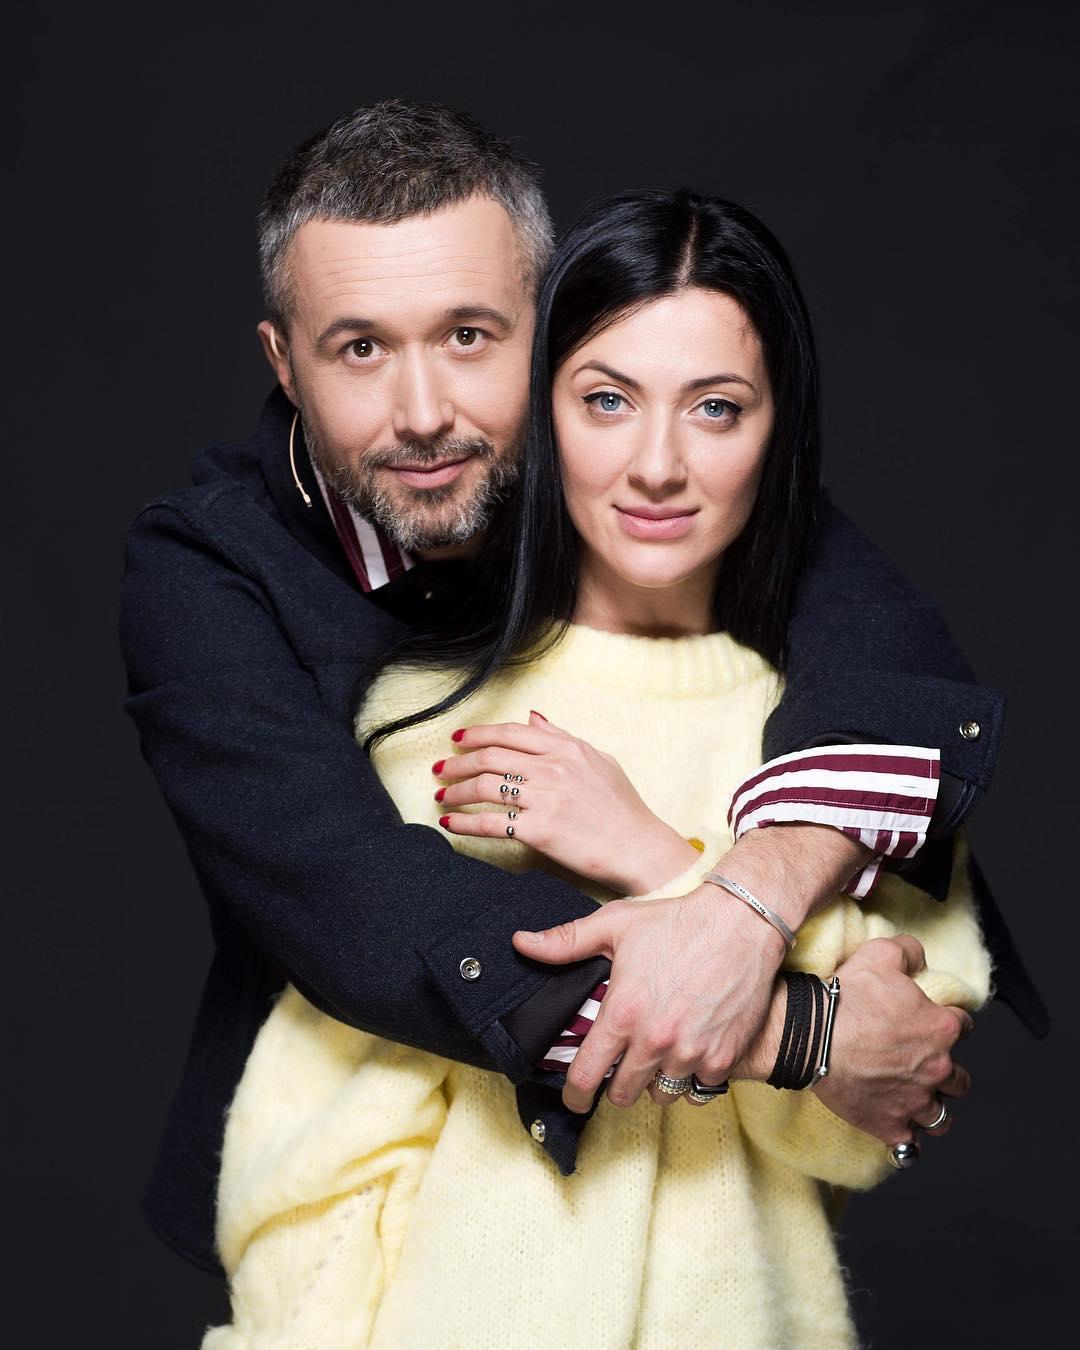 Сергей Бабкин поделился нежным фото